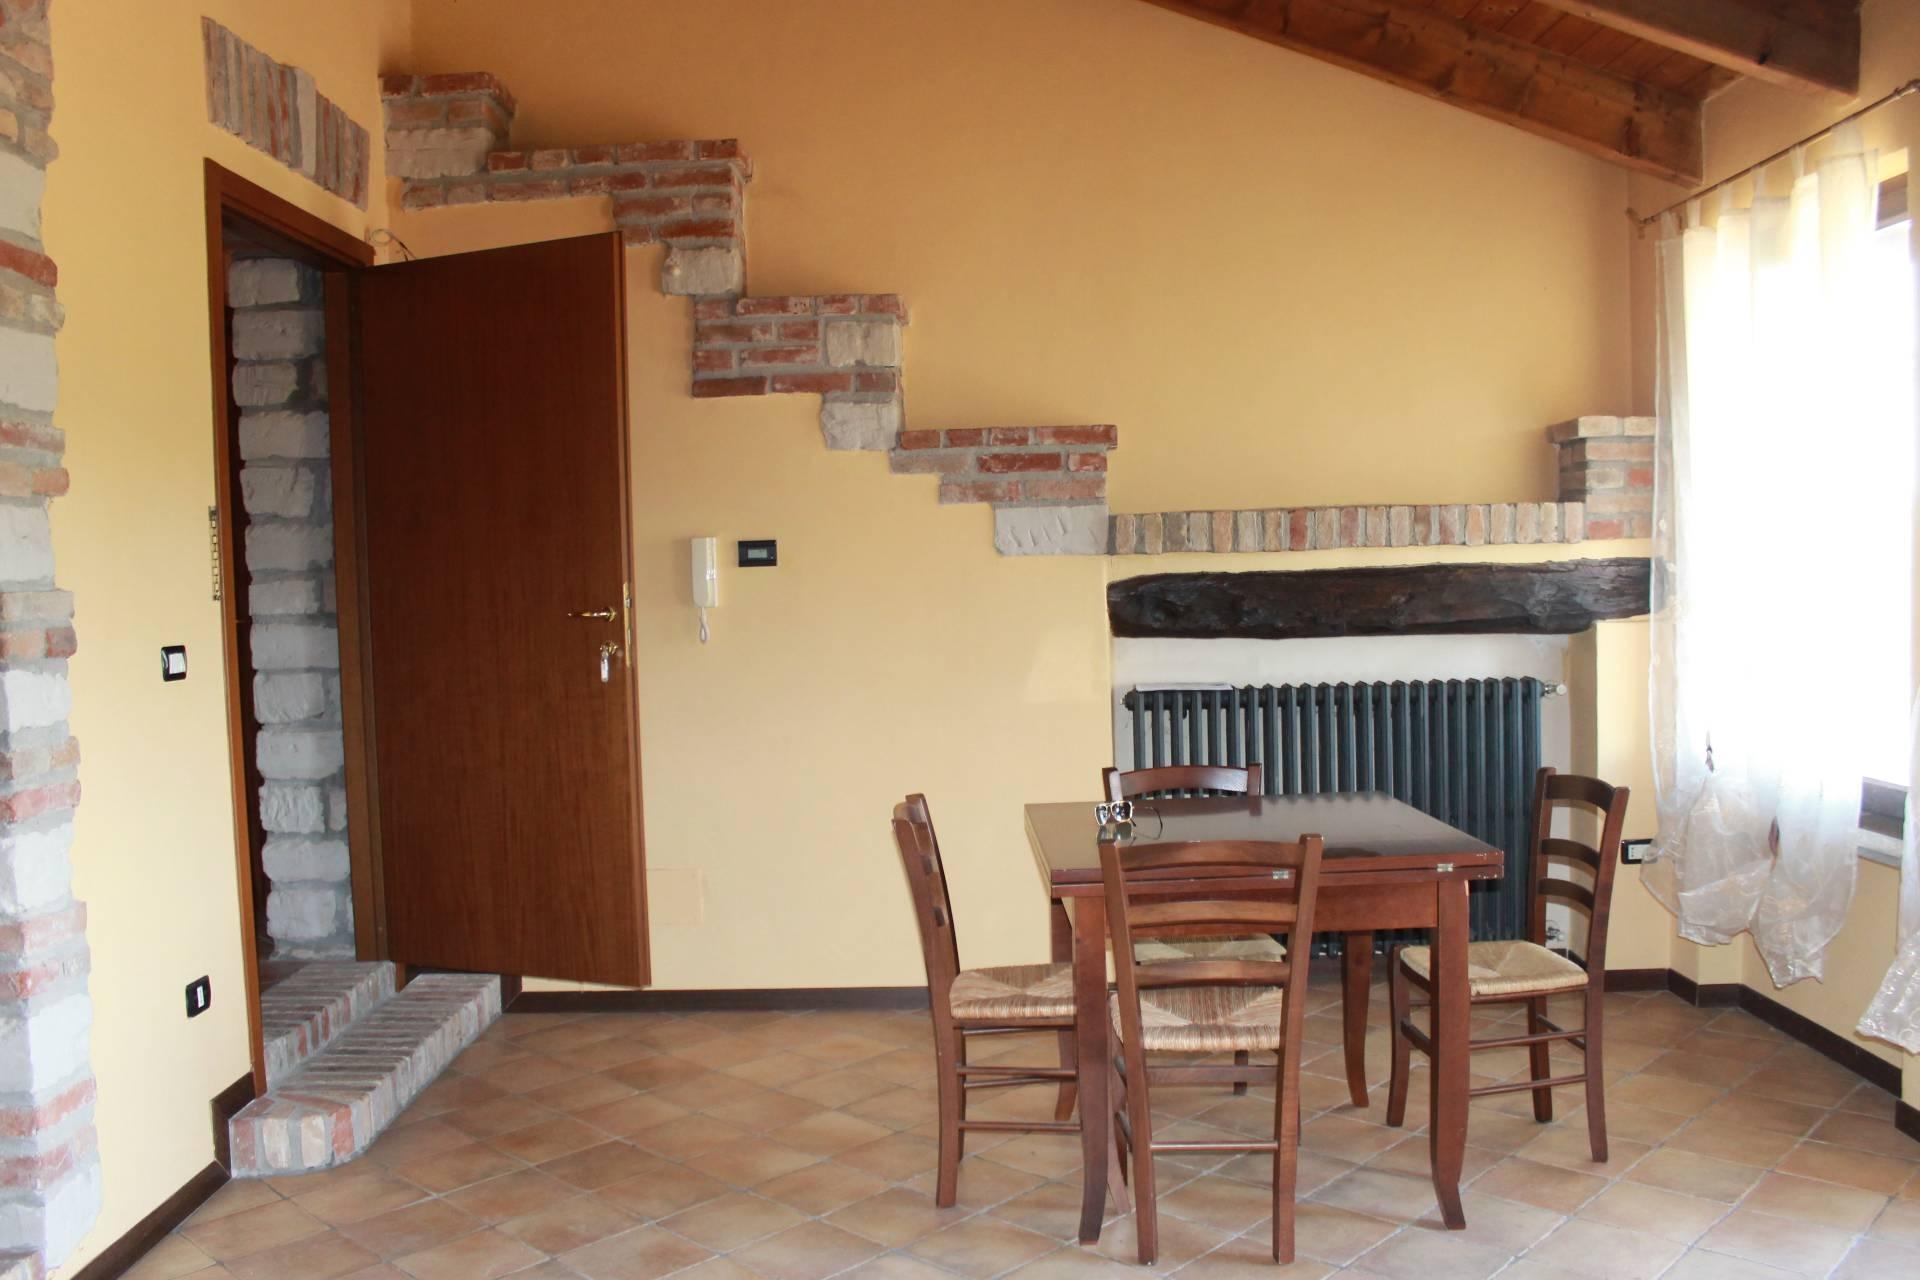 Appartamento in affitto a Camino, 2 locali, zona Località: CastelSanPietro, prezzo € 400 | CambioCasa.it